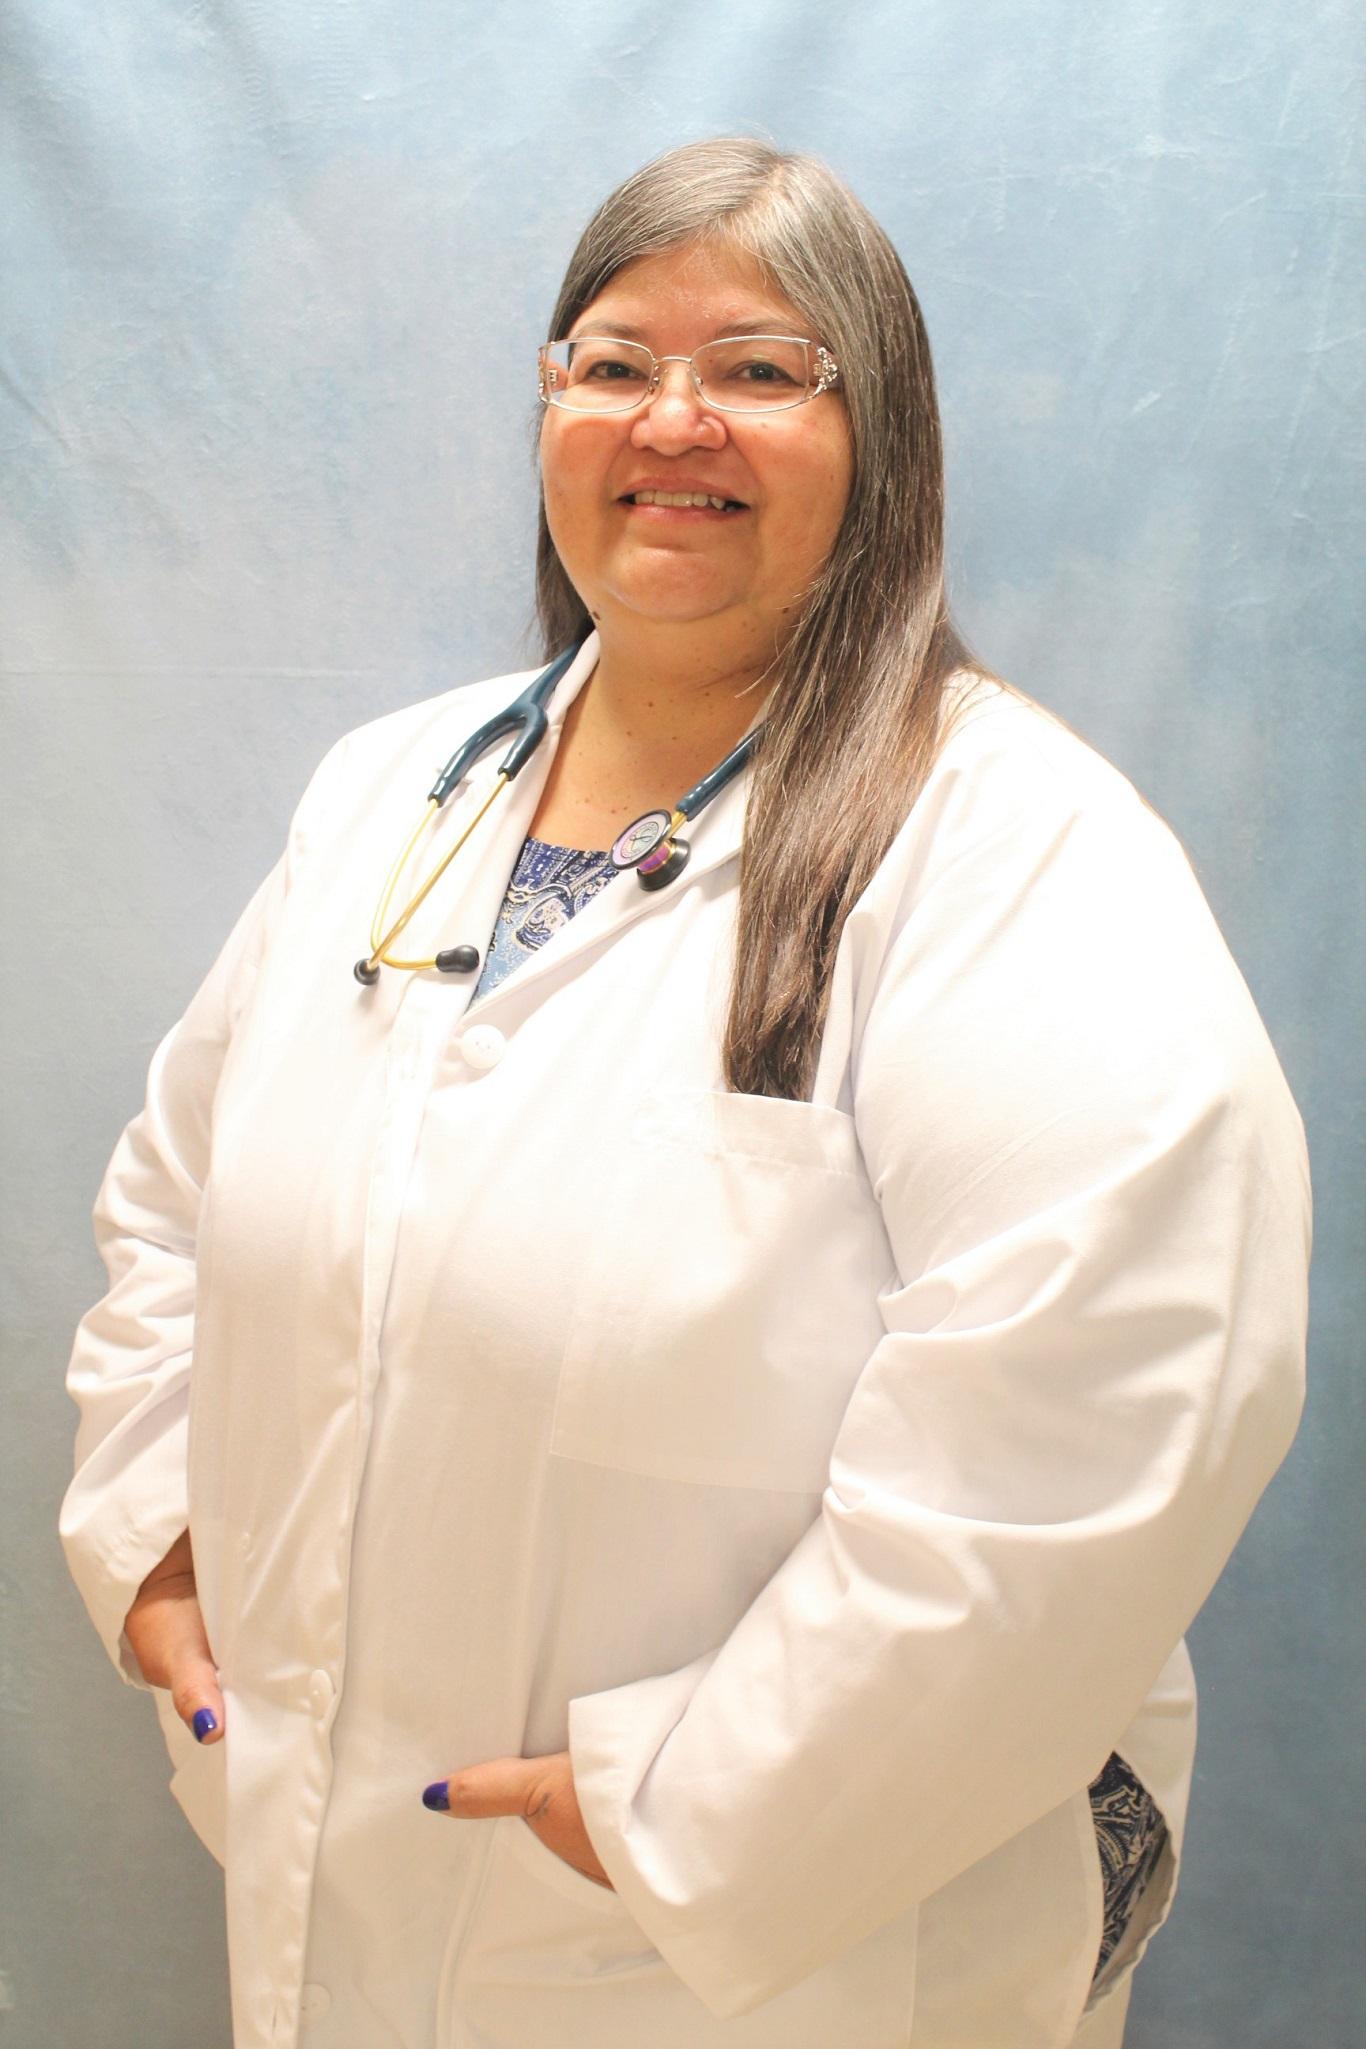 Valerie Hohenshell, MSN, FNP-C